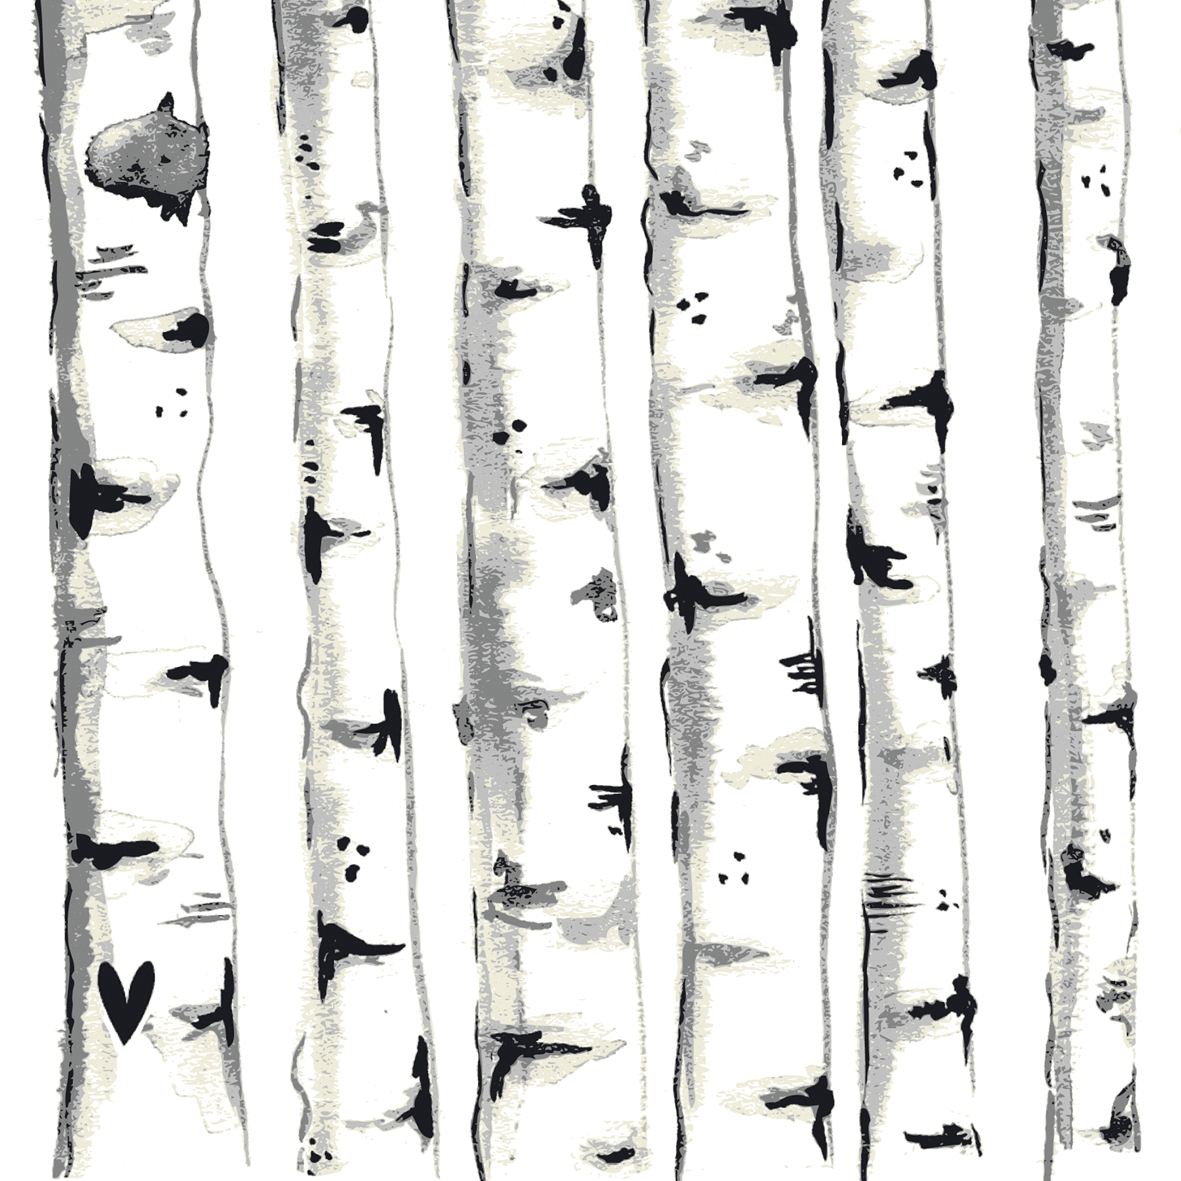 Lunch Servietten Nordic Birch Trees,  Pflanzen -  Sonstige,  Everyday,  lunchservietten,  Birke